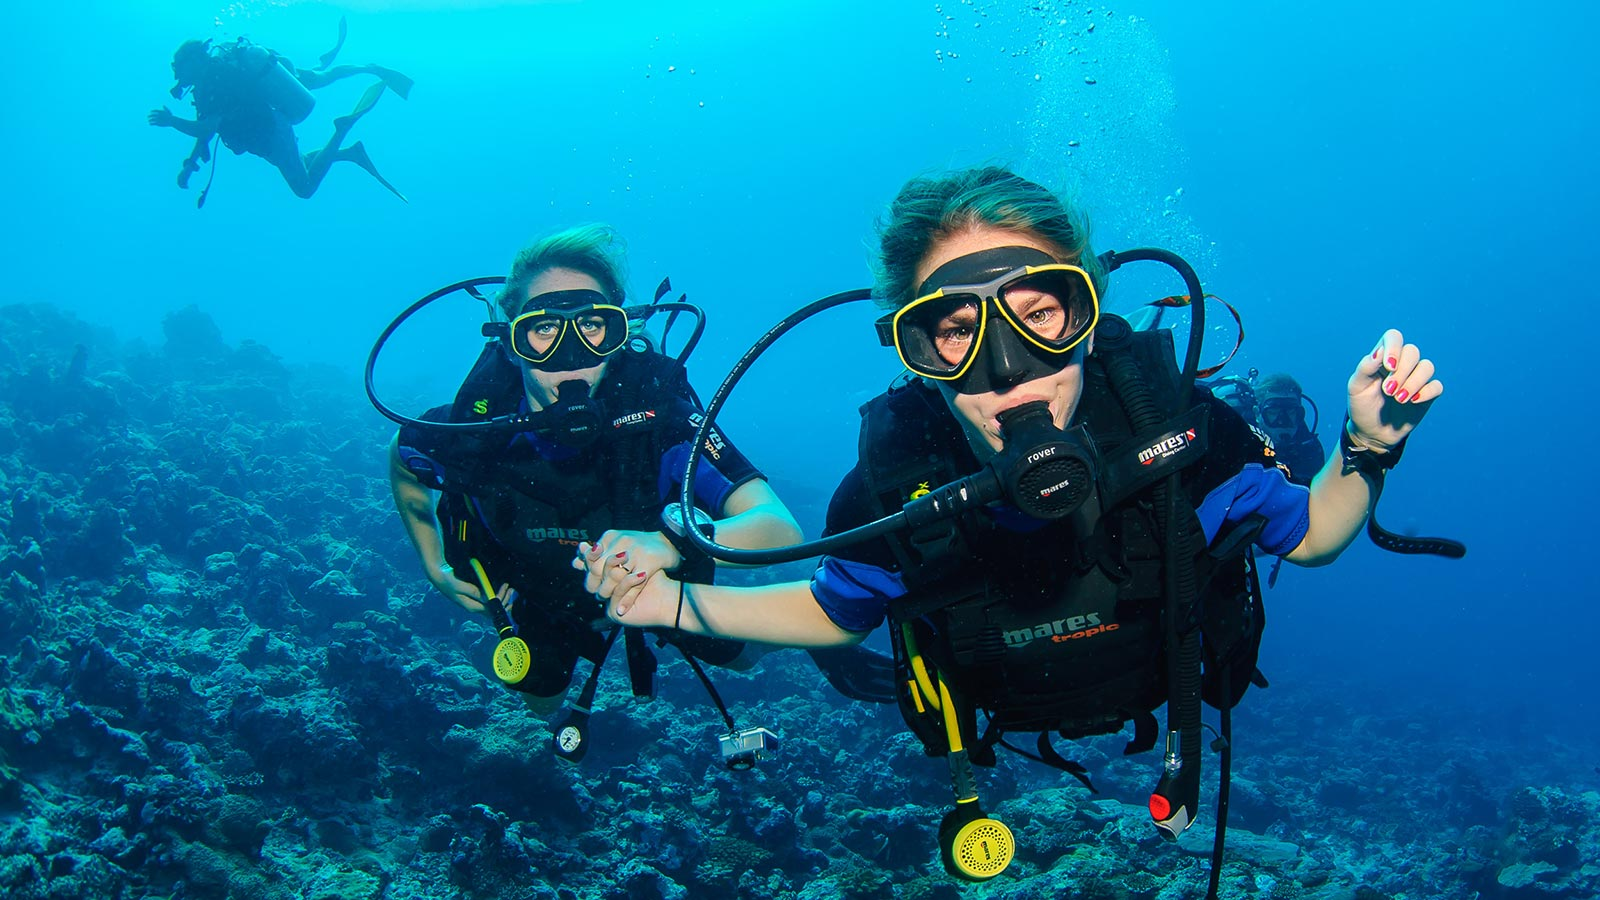 Ocean_Dimensions_Scuba_Diving.jpg